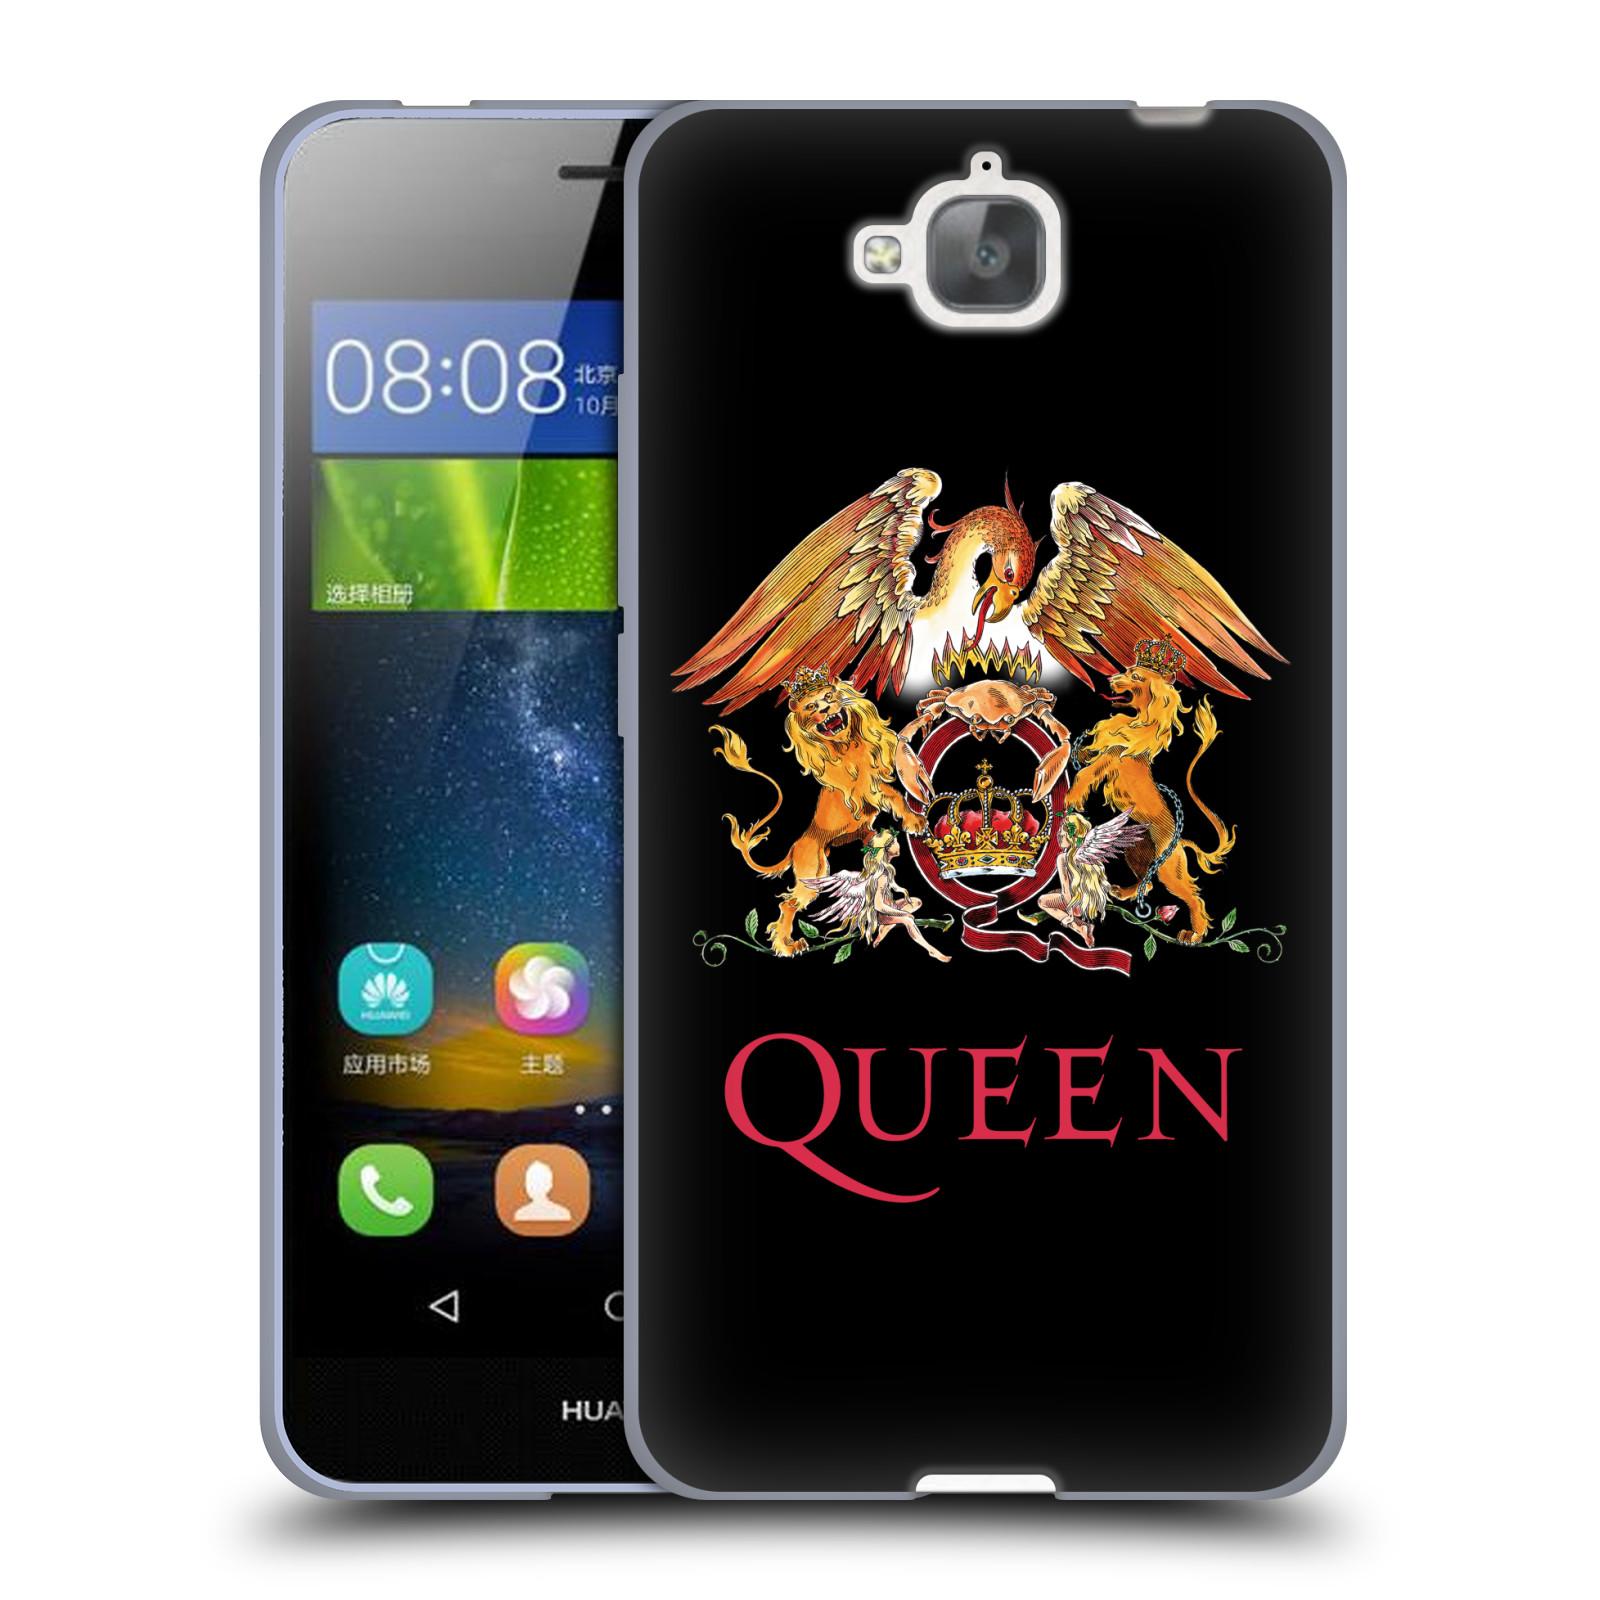 Silikonové pouzdro na mobil Huawei Y6 Pro Dual Sim HEAD CASE Queen - Logo